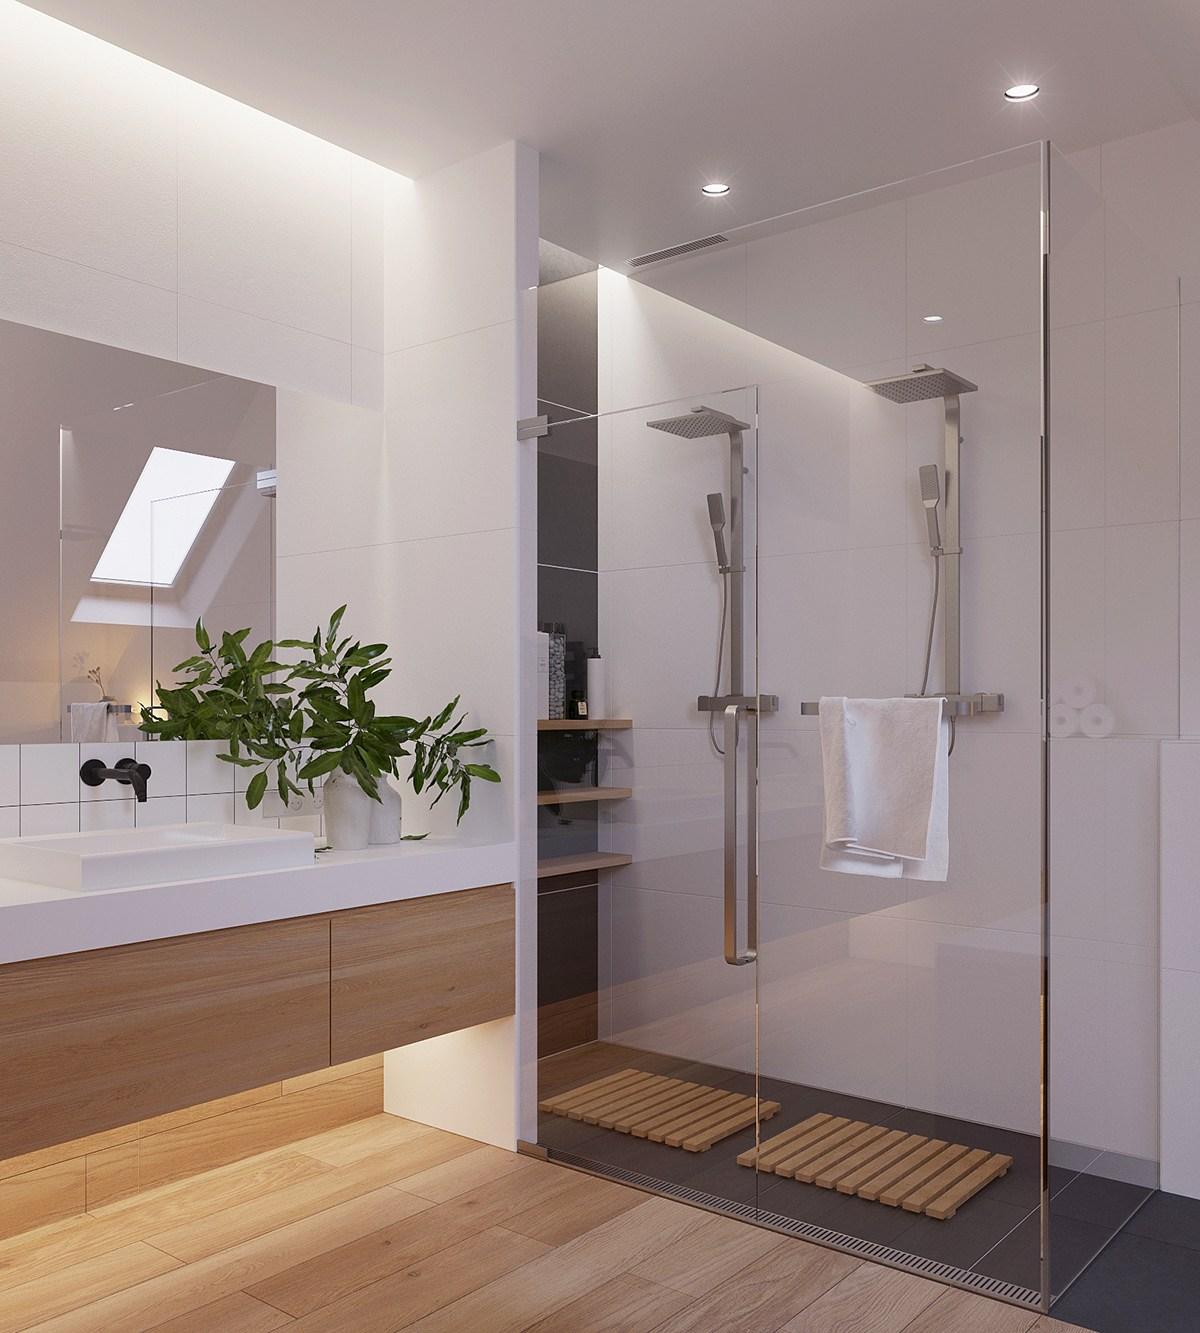 Badkamers voorbeelden dubbele douche naast elkaar